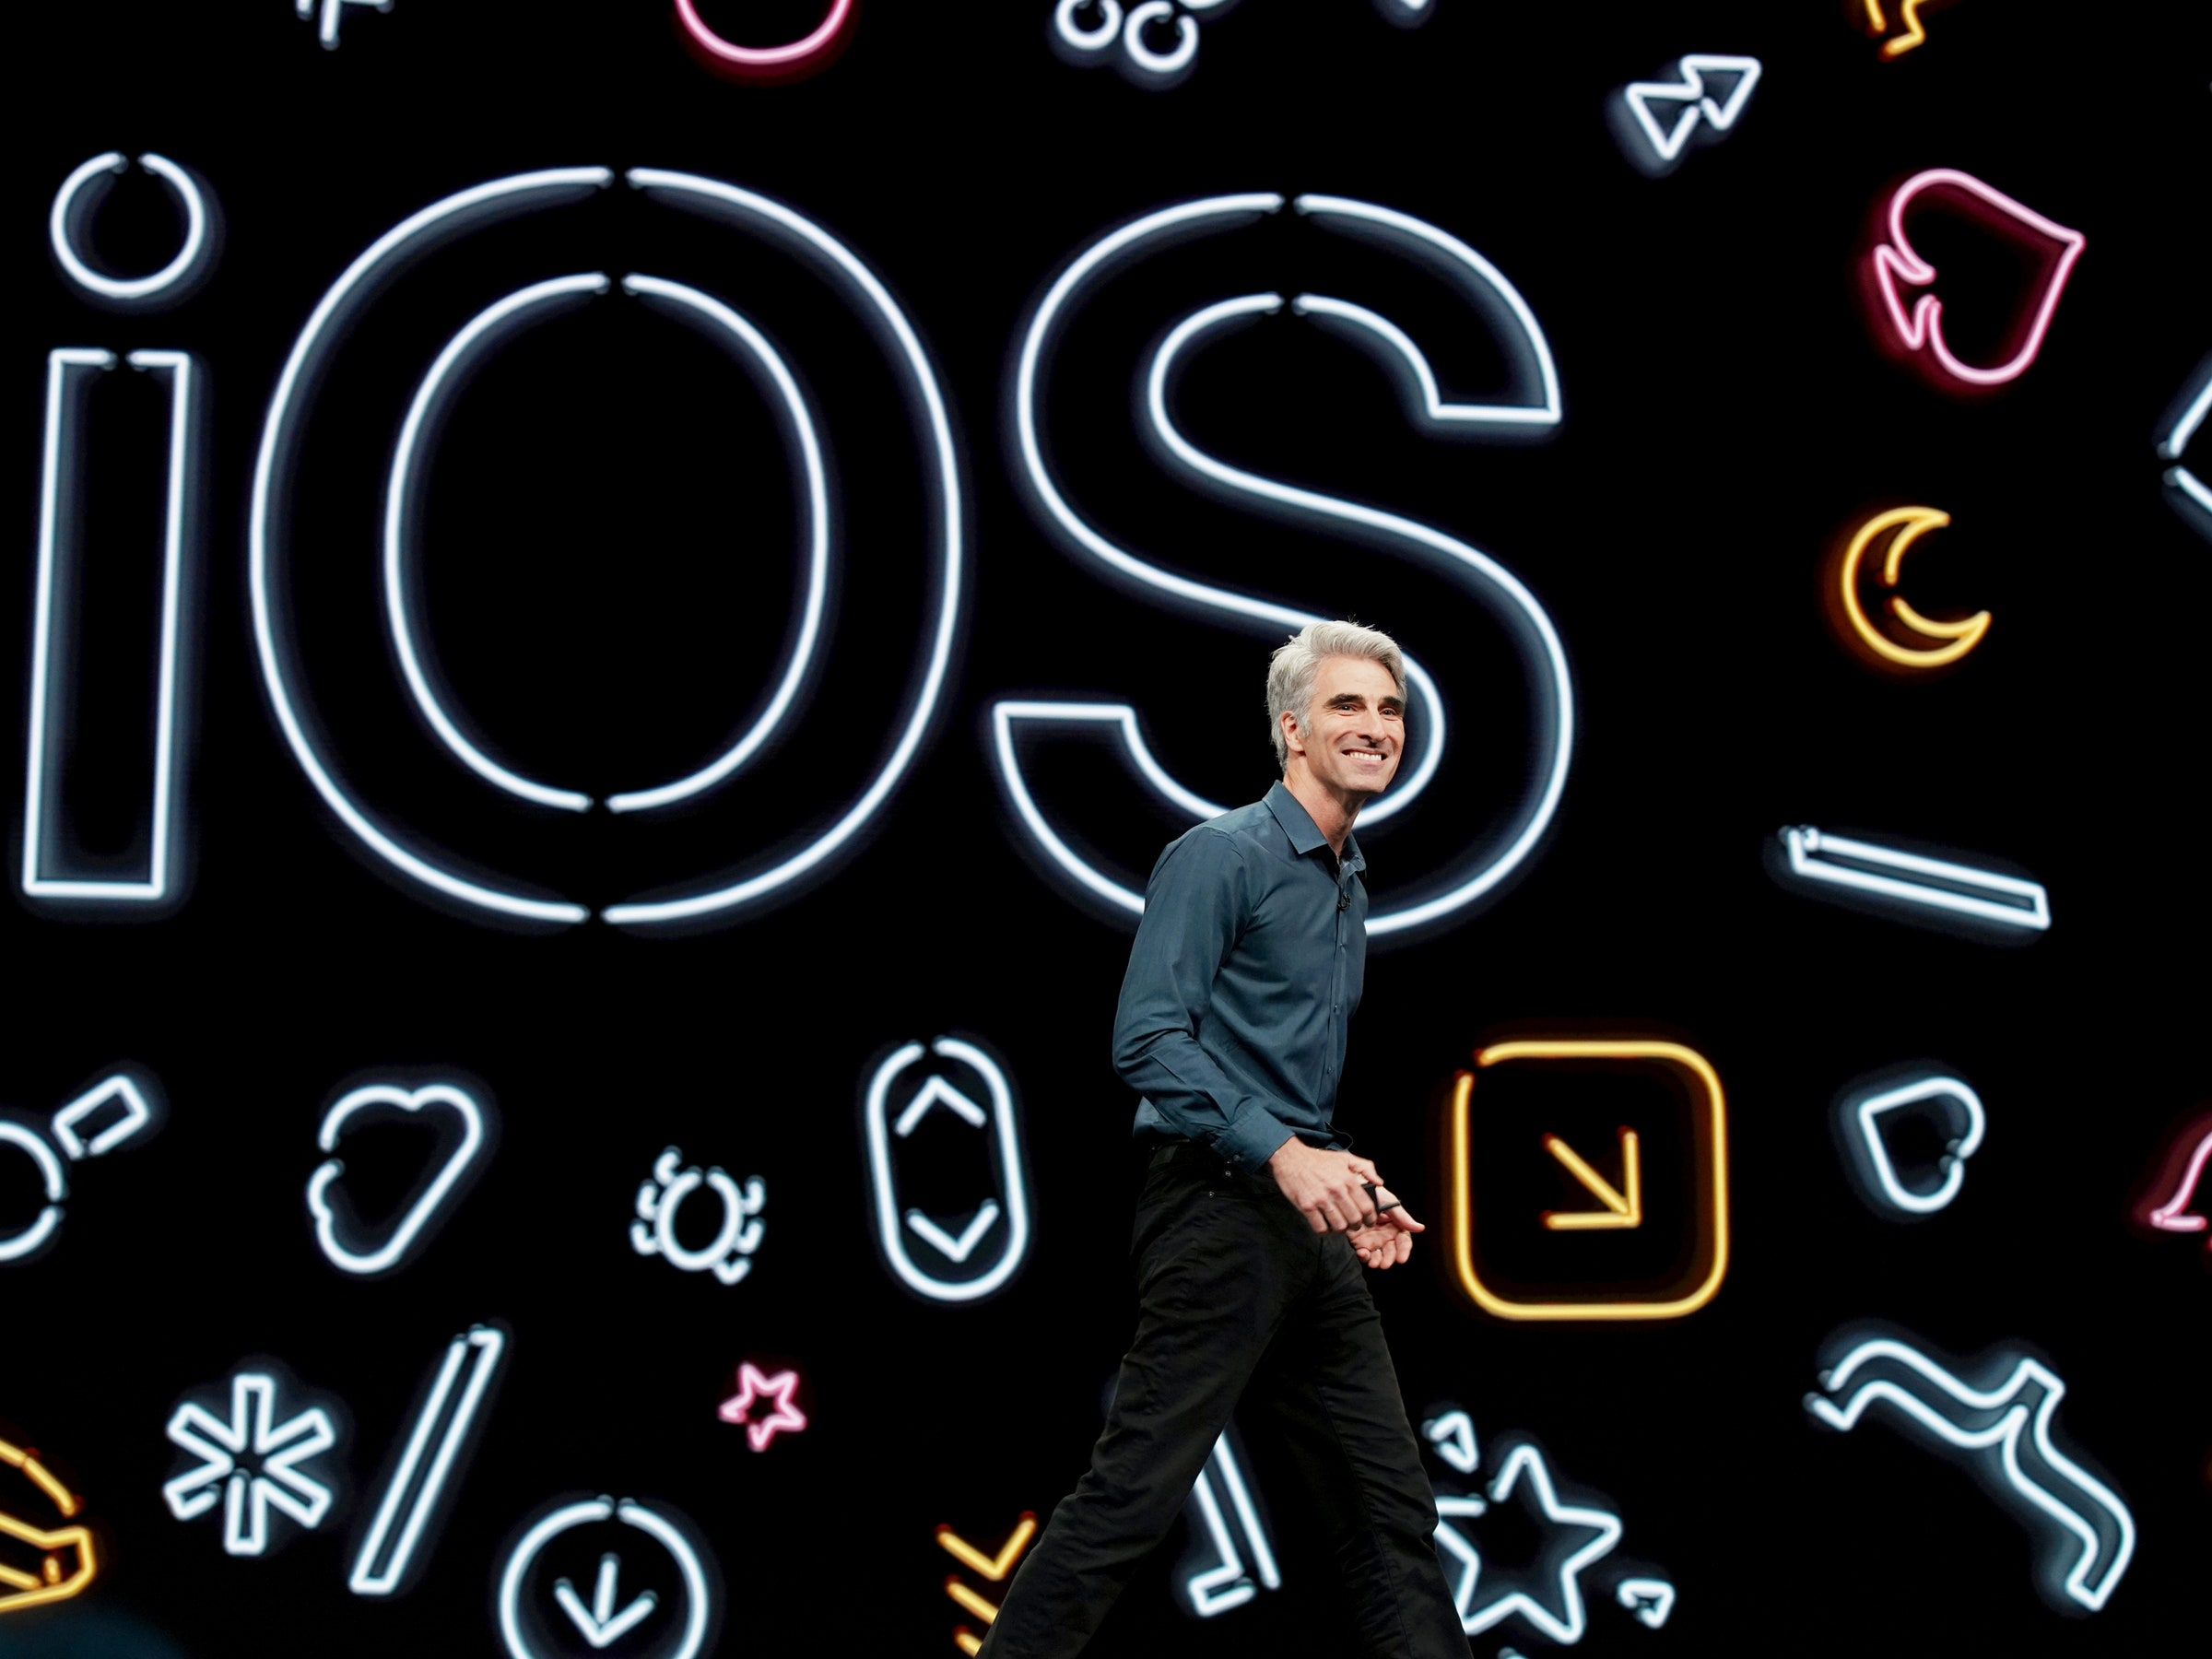 Apple's WWDC